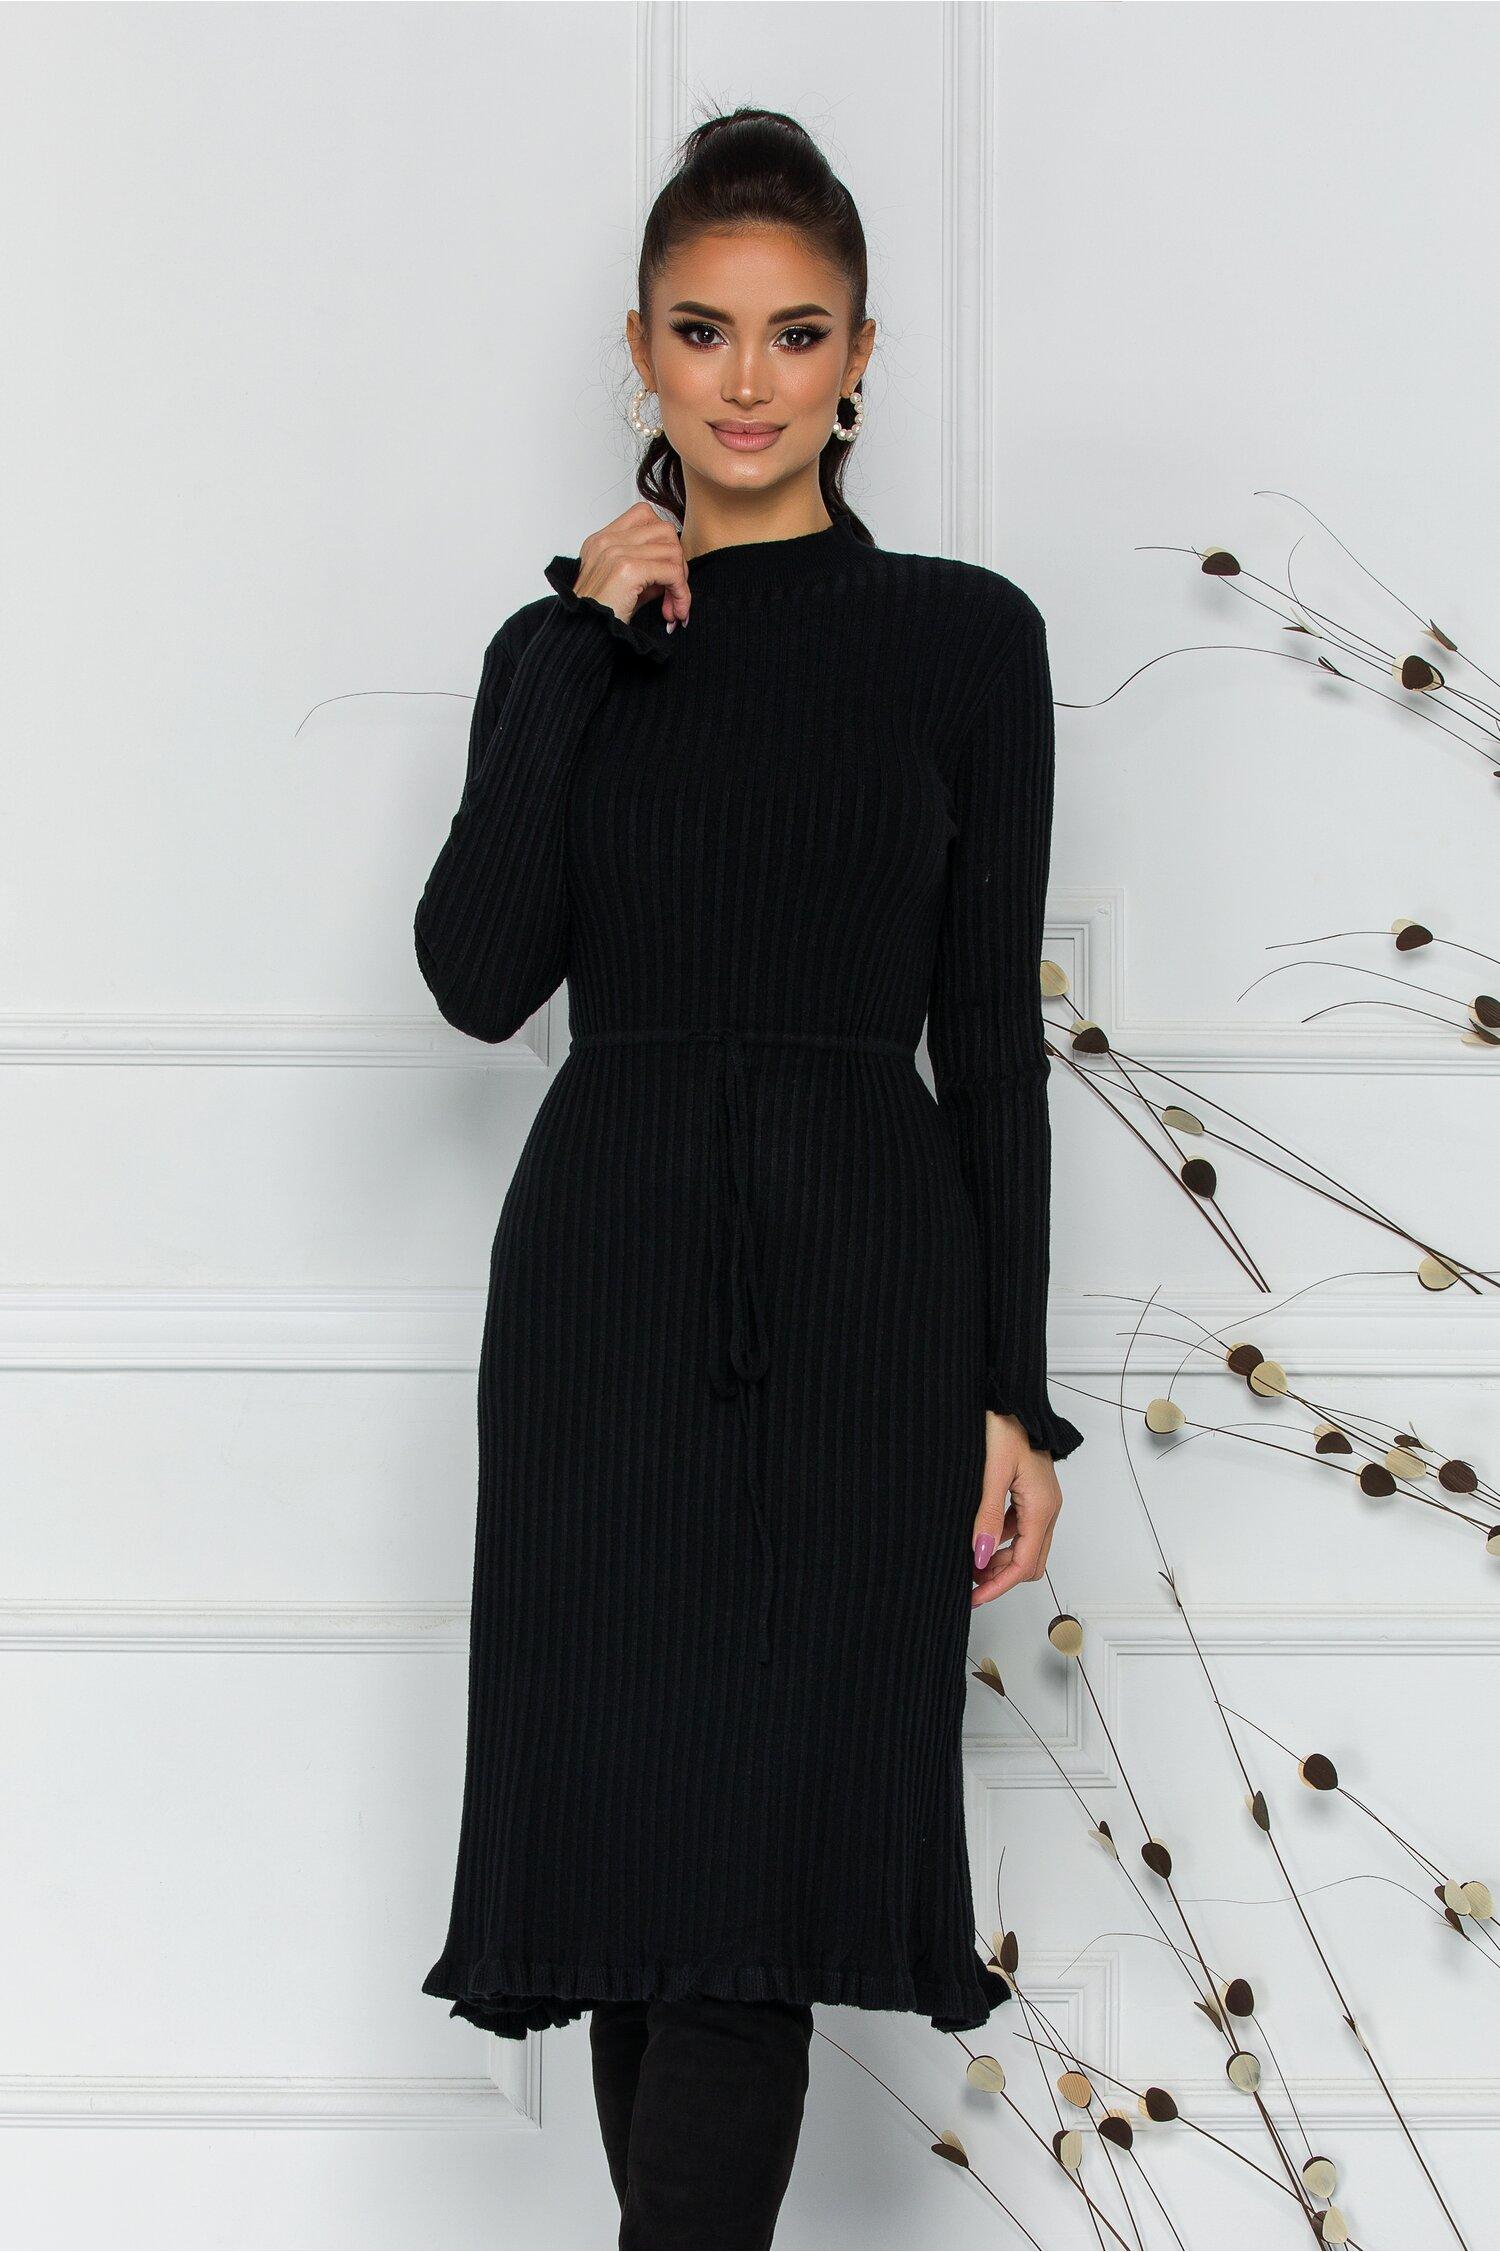 Rochie Rina neagra din tricot reiat cu snur reglabil in talie